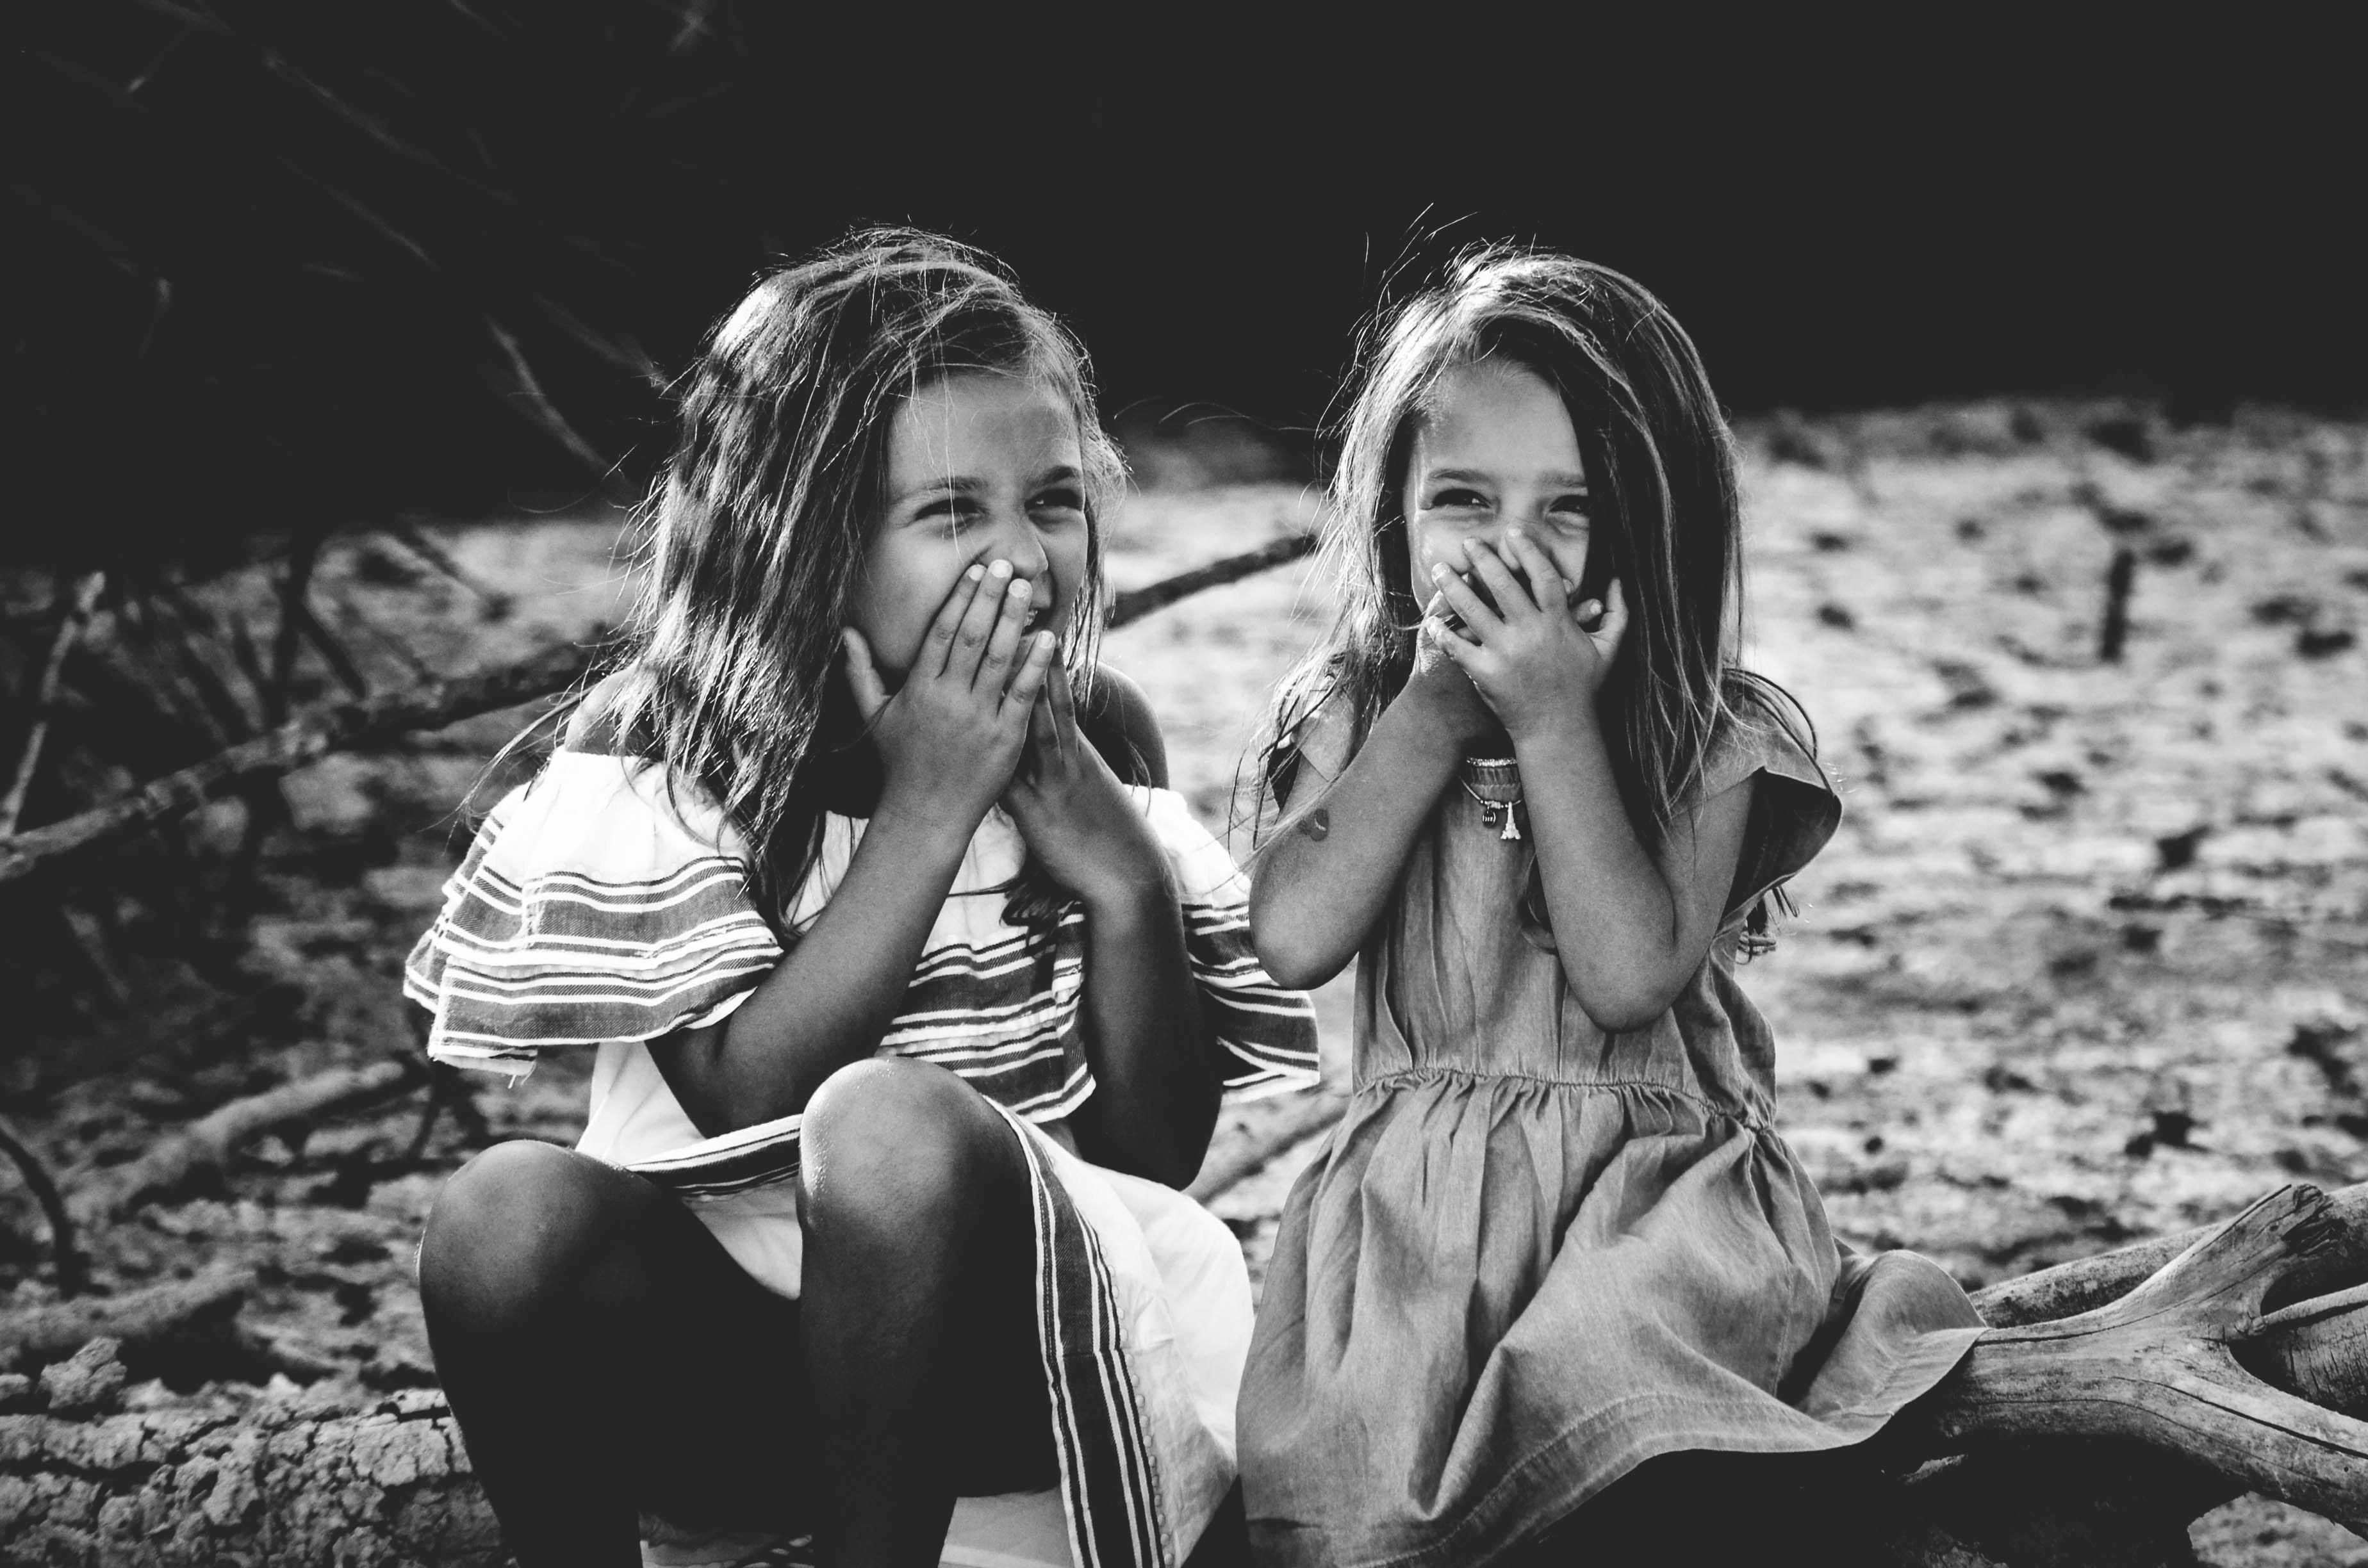 Картинка подруге детства